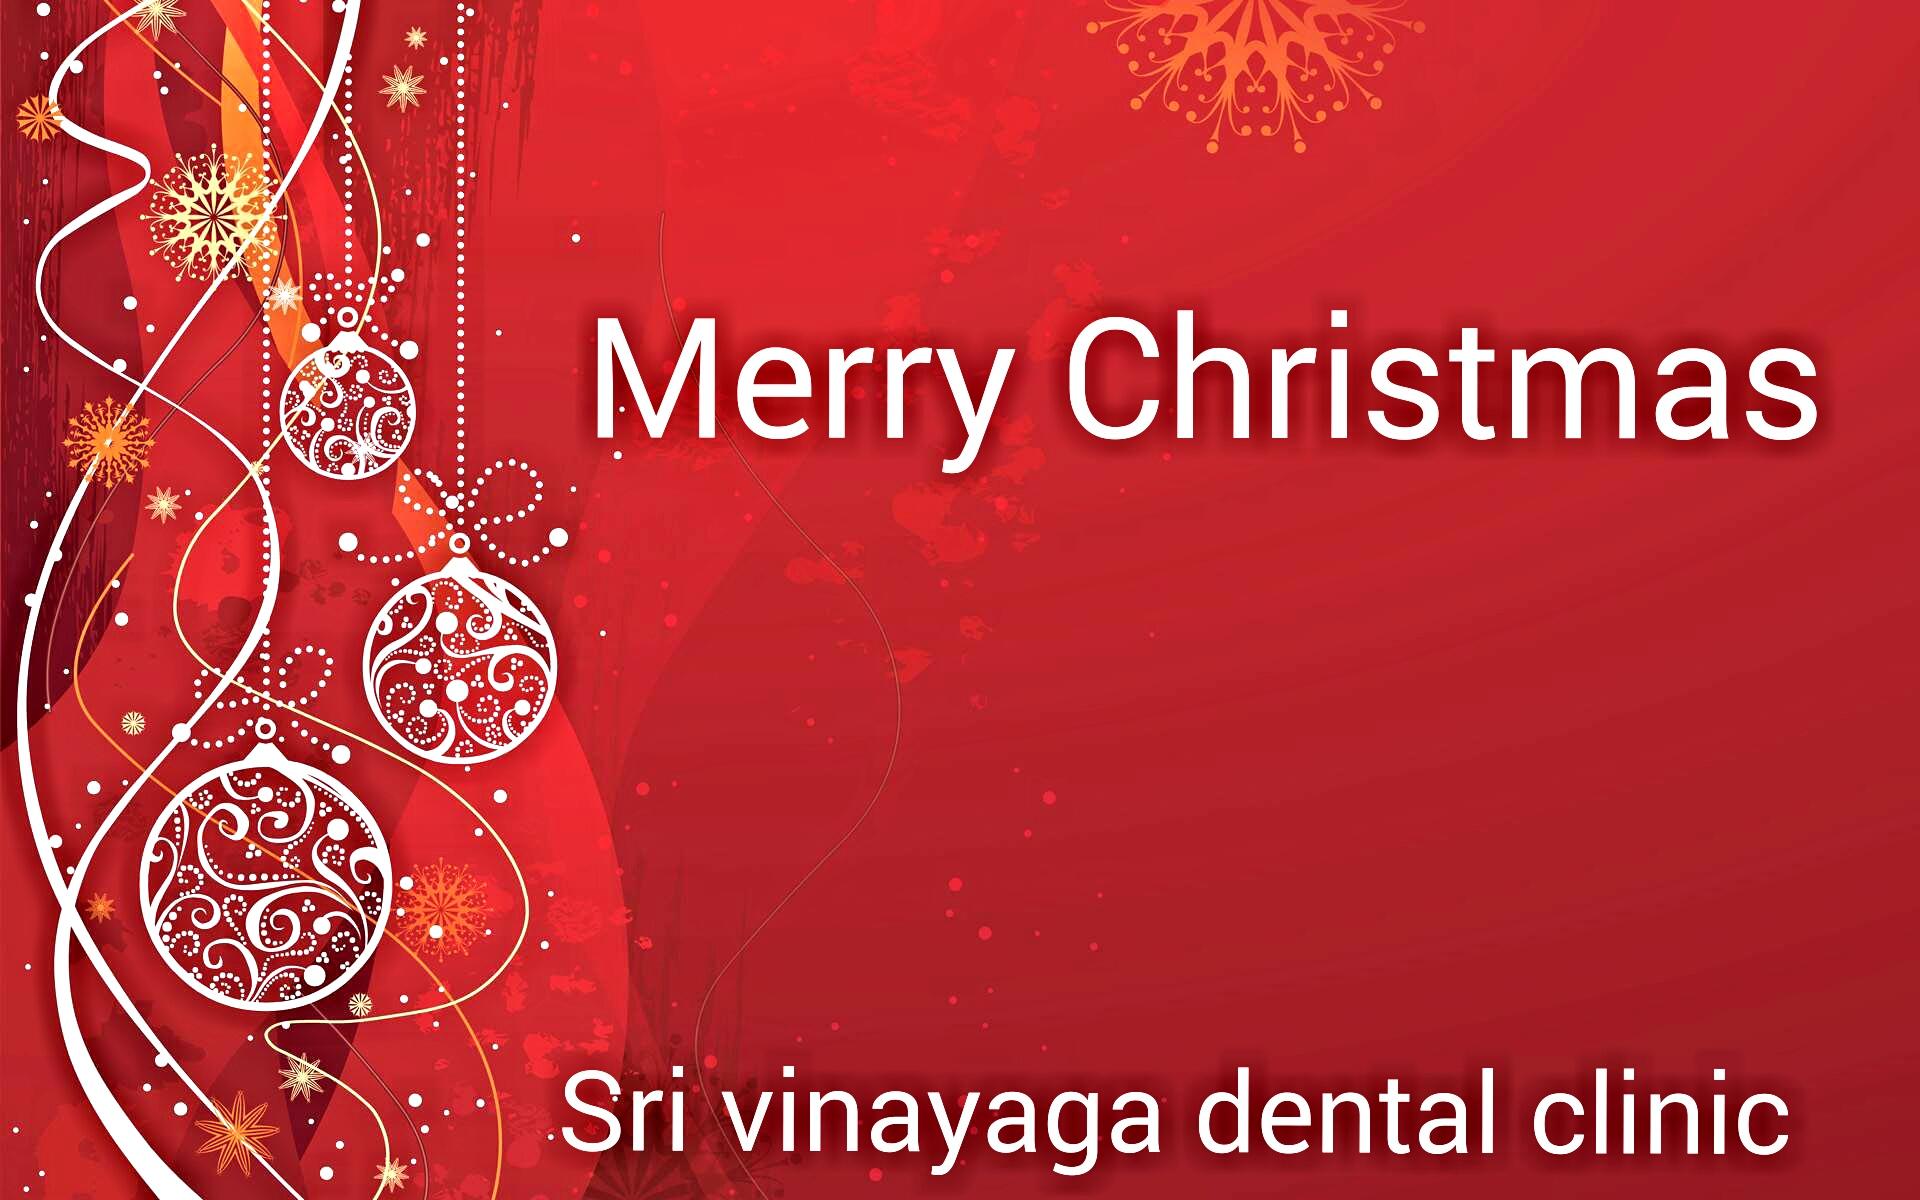 merry Christmas sri vinayaga dental clinic thoothukudi